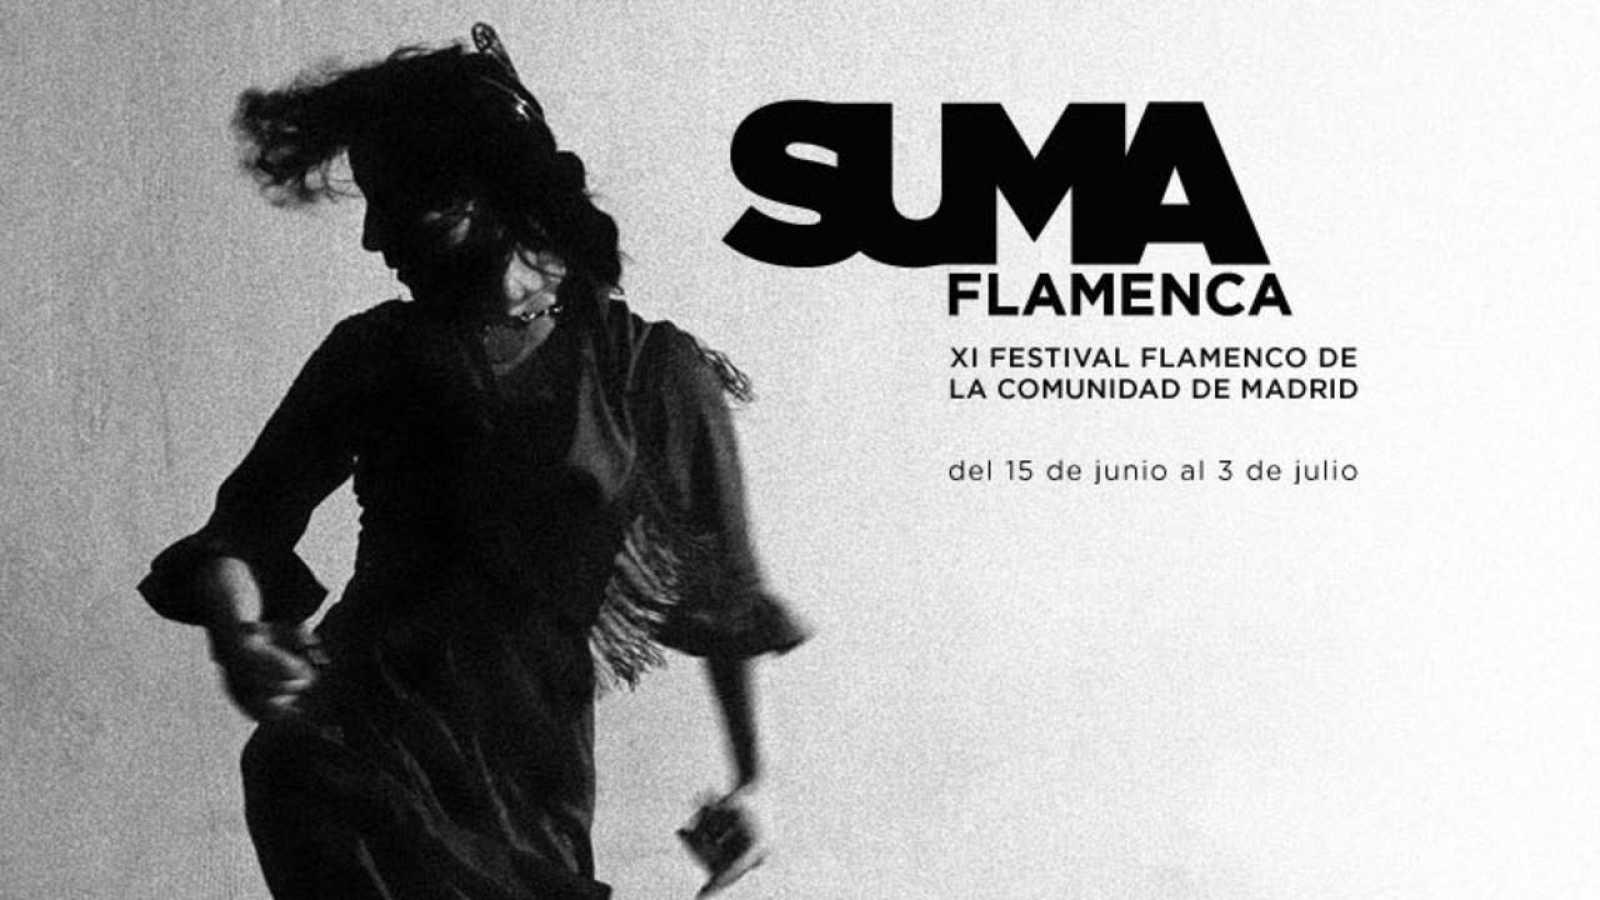 XI Festival Suma Flamenca de la Comunidad de Madrid